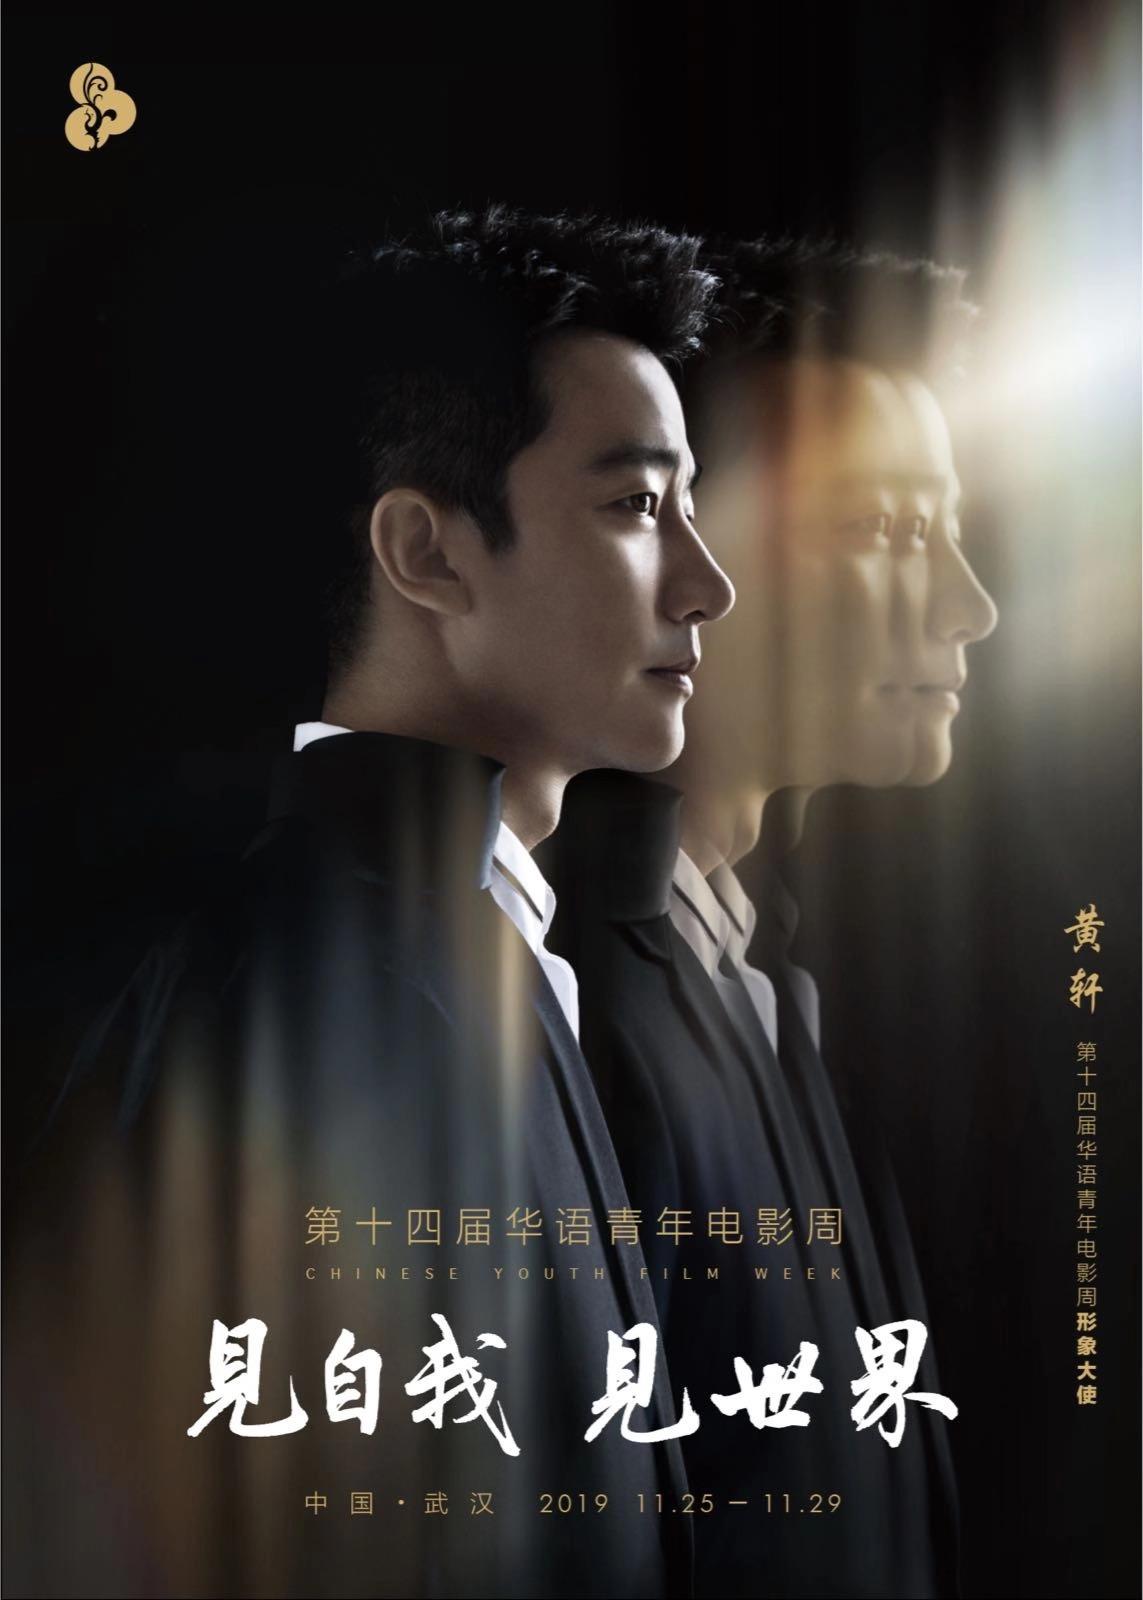 华语青年电影周海报.jpeg